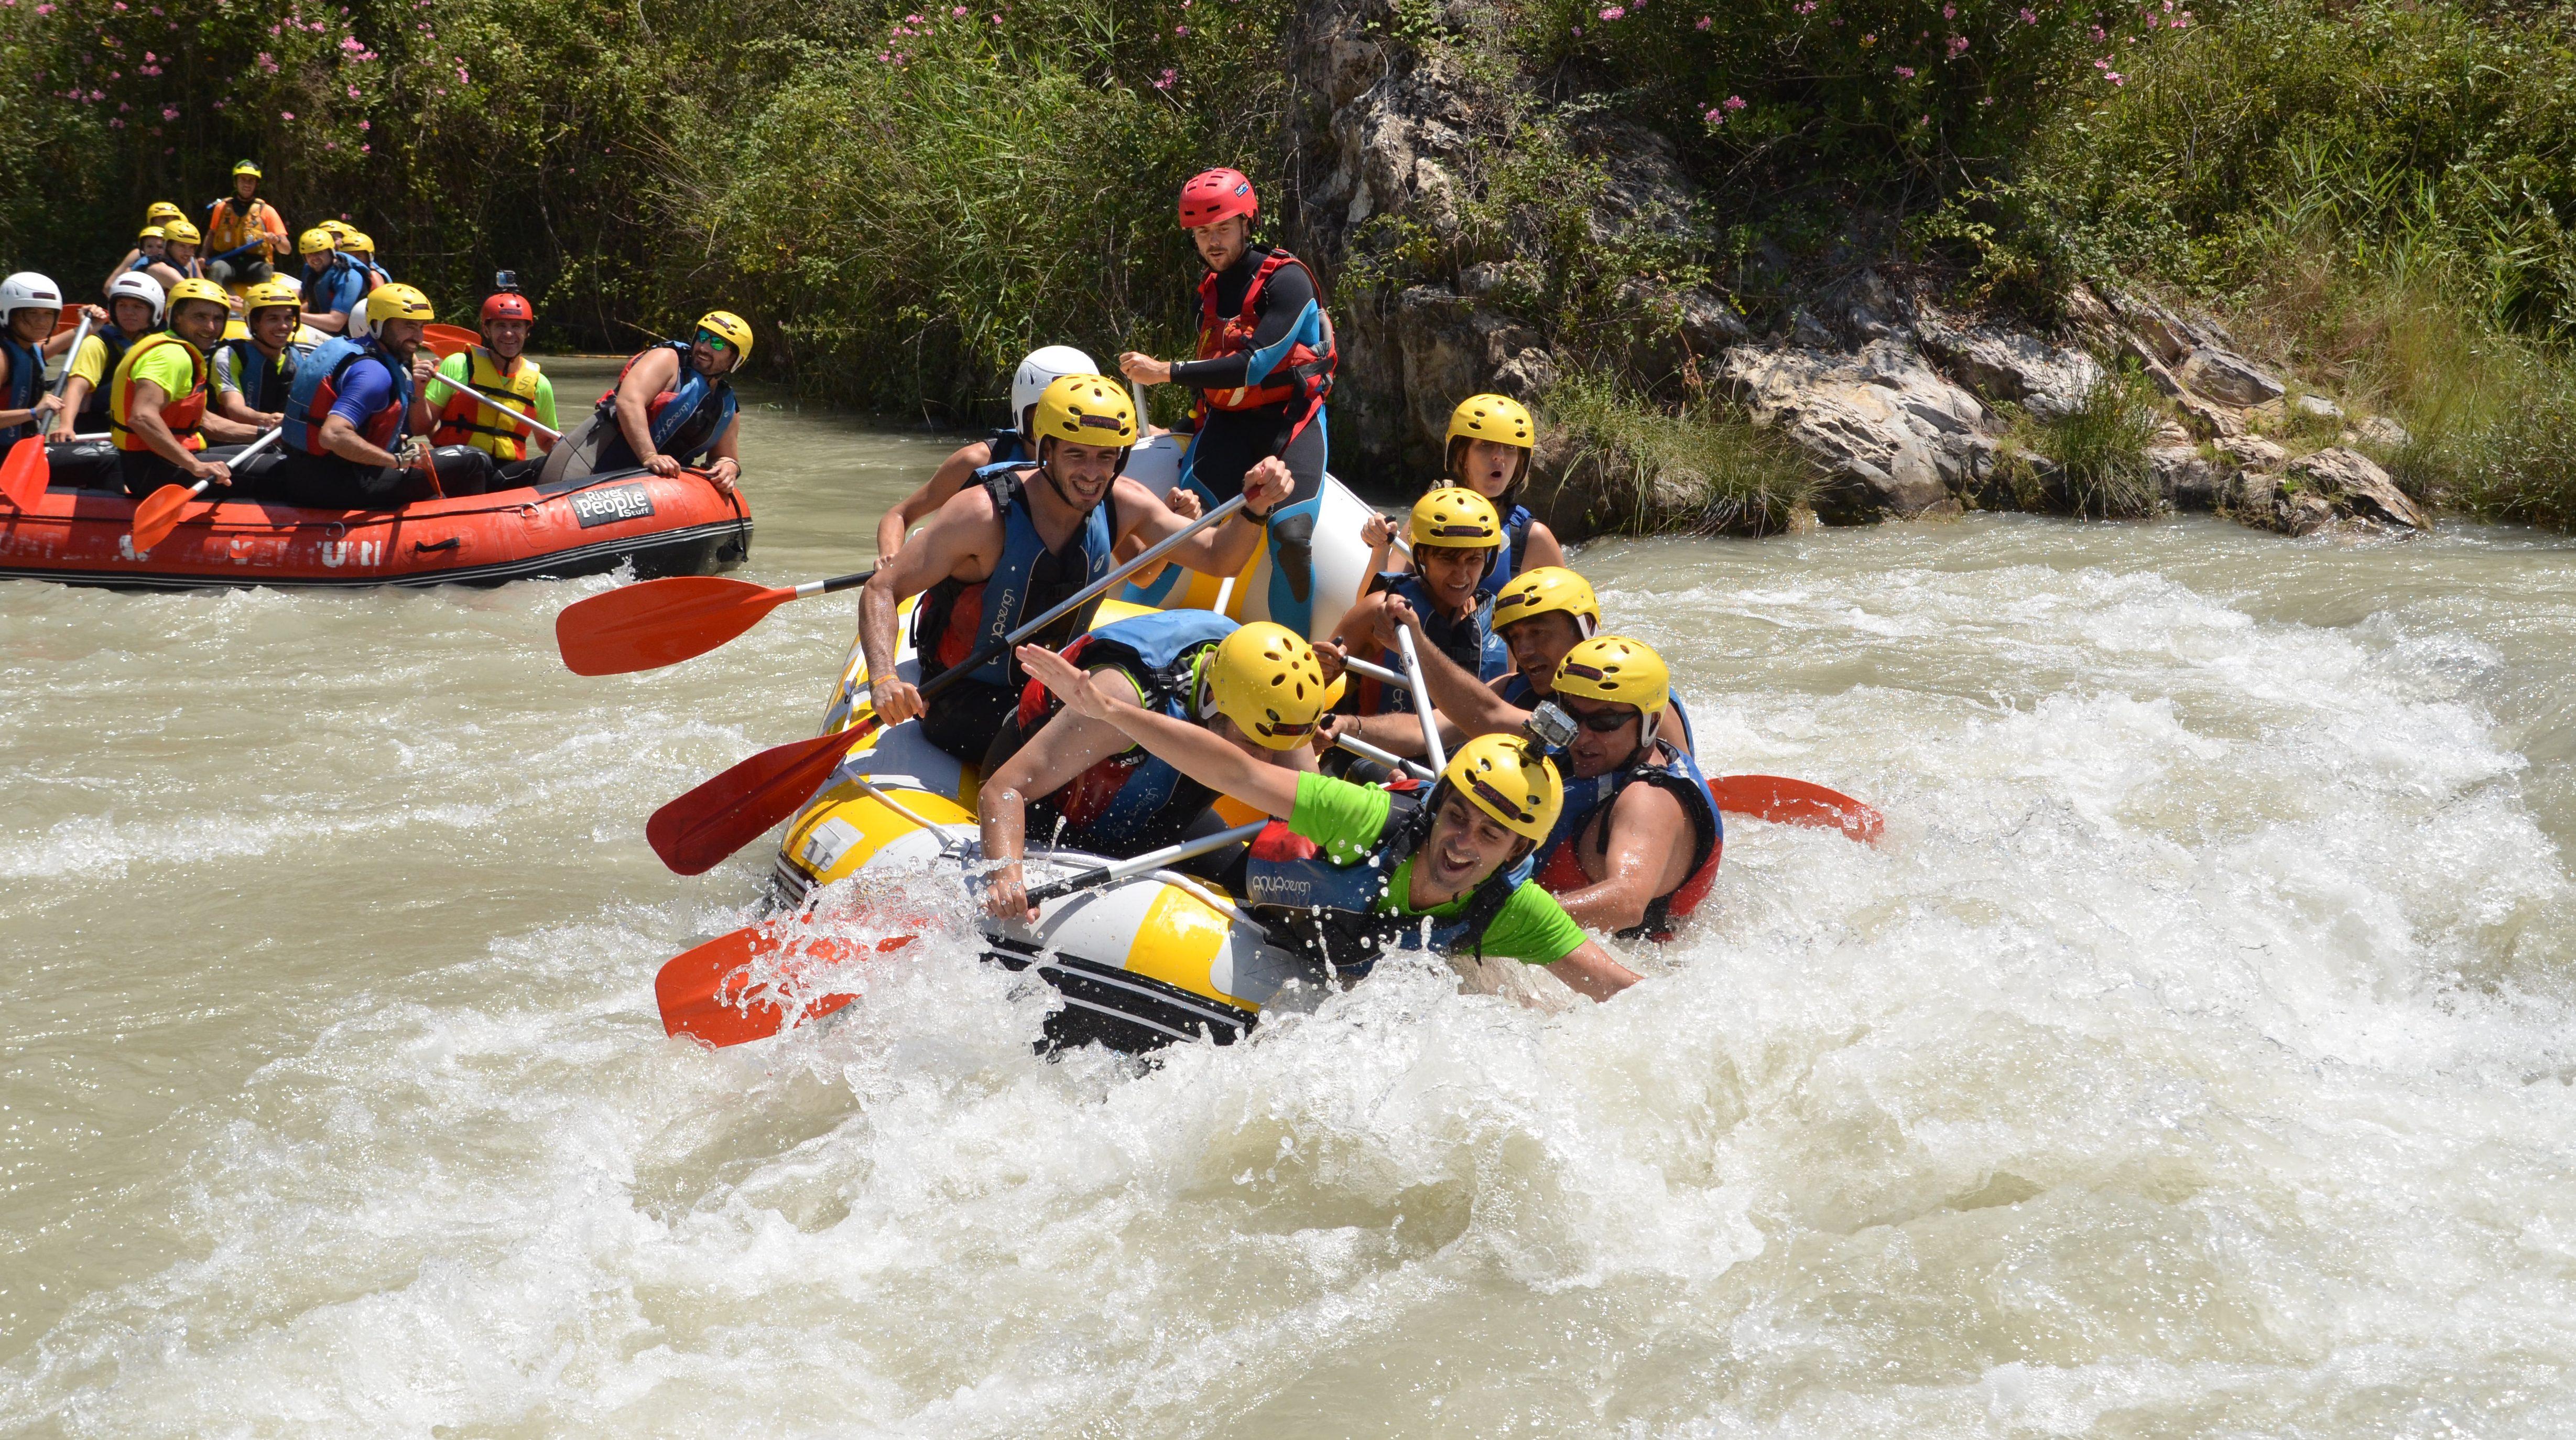 Grupo practicando rafting en el río Genil